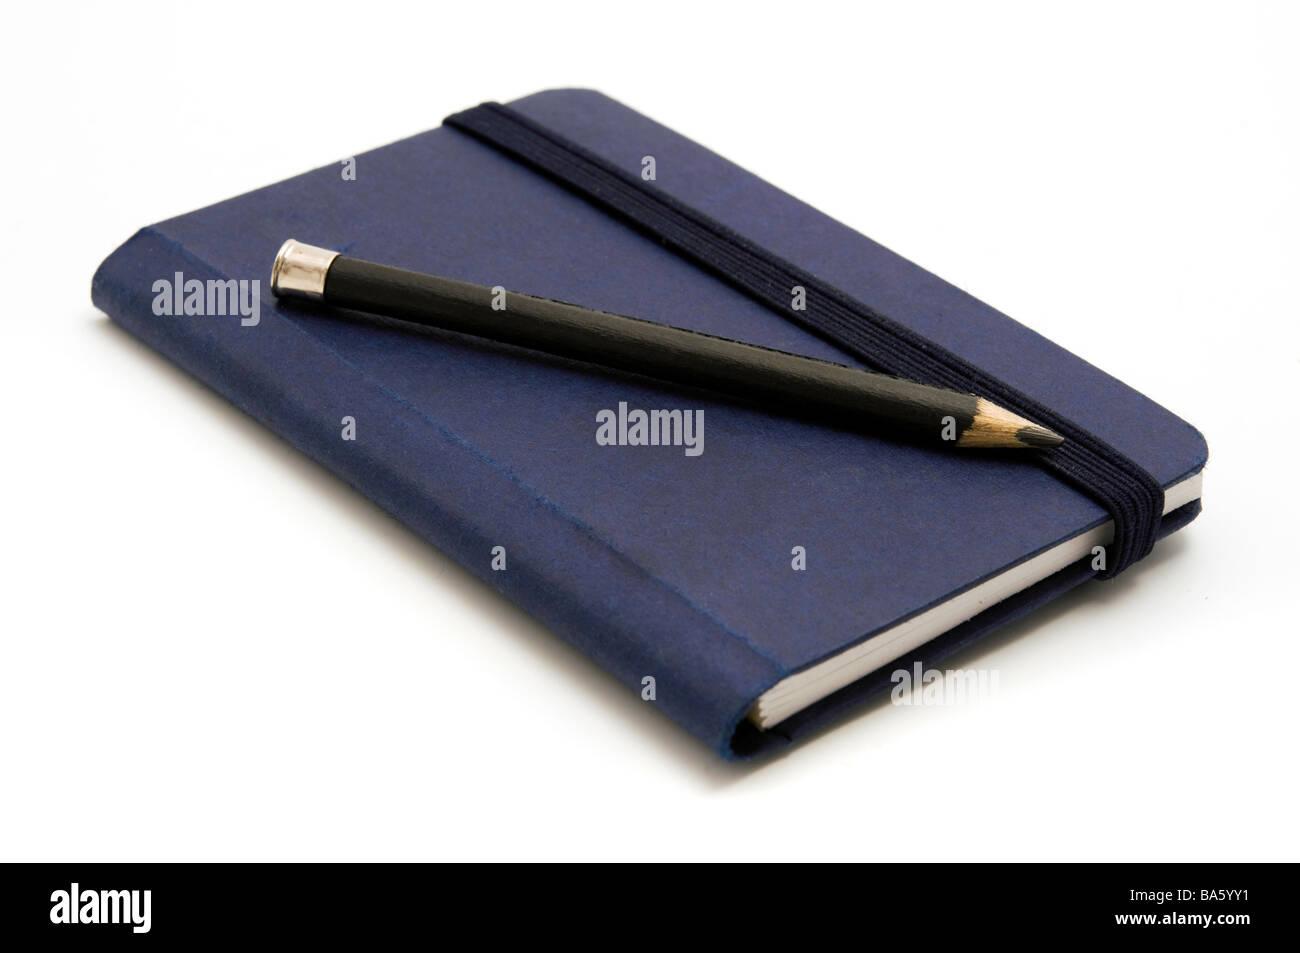 Notebook blu con matita su sfondo bianco Immagini Stock